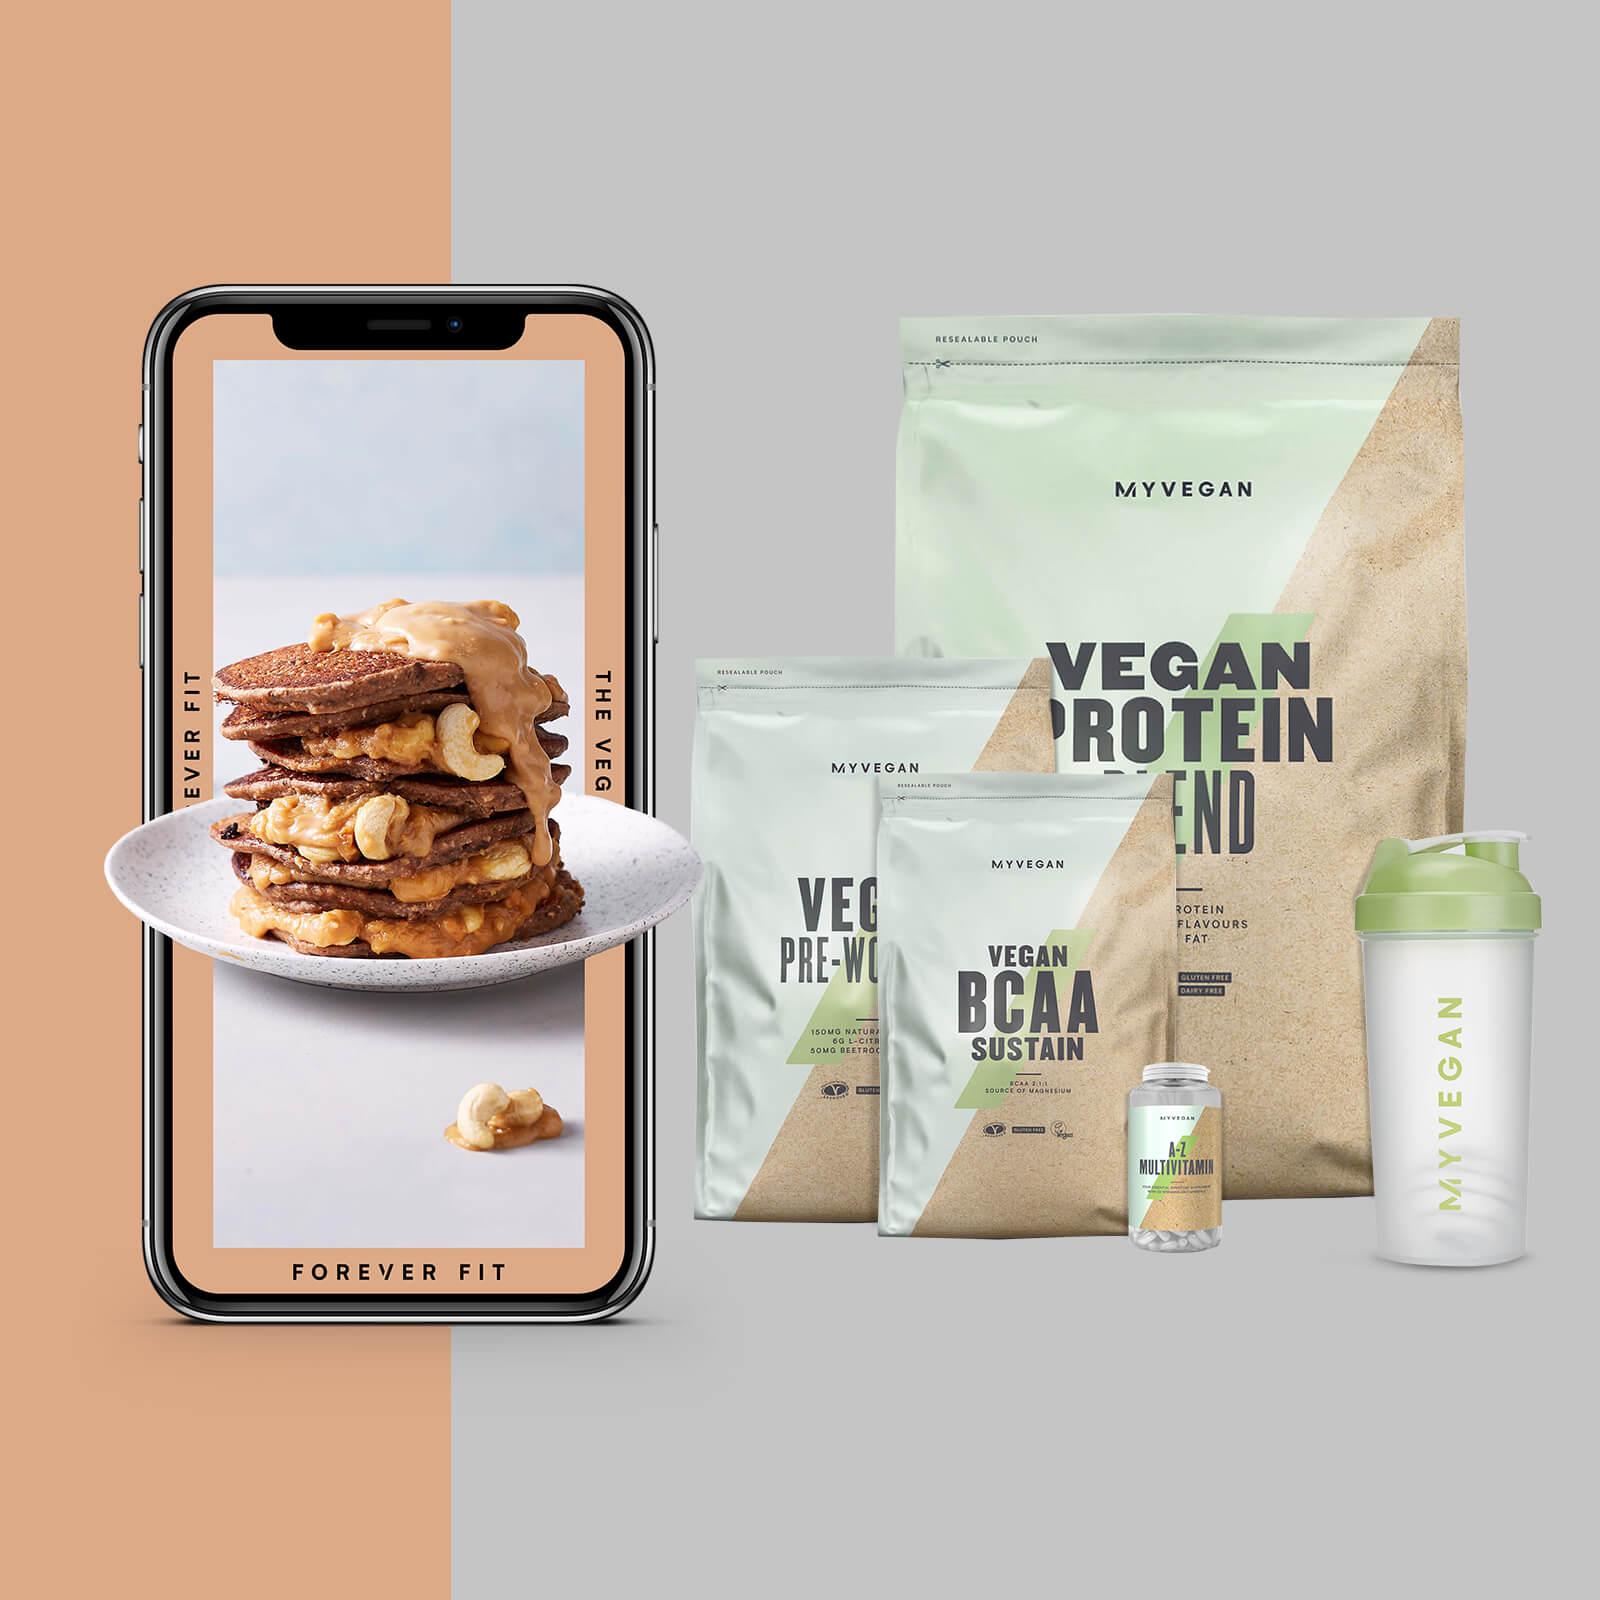 Le Pack Vegan + Guide Entraînement et Nutrition Offert - Lemon and Lime - Lemon Tea - Chocolate